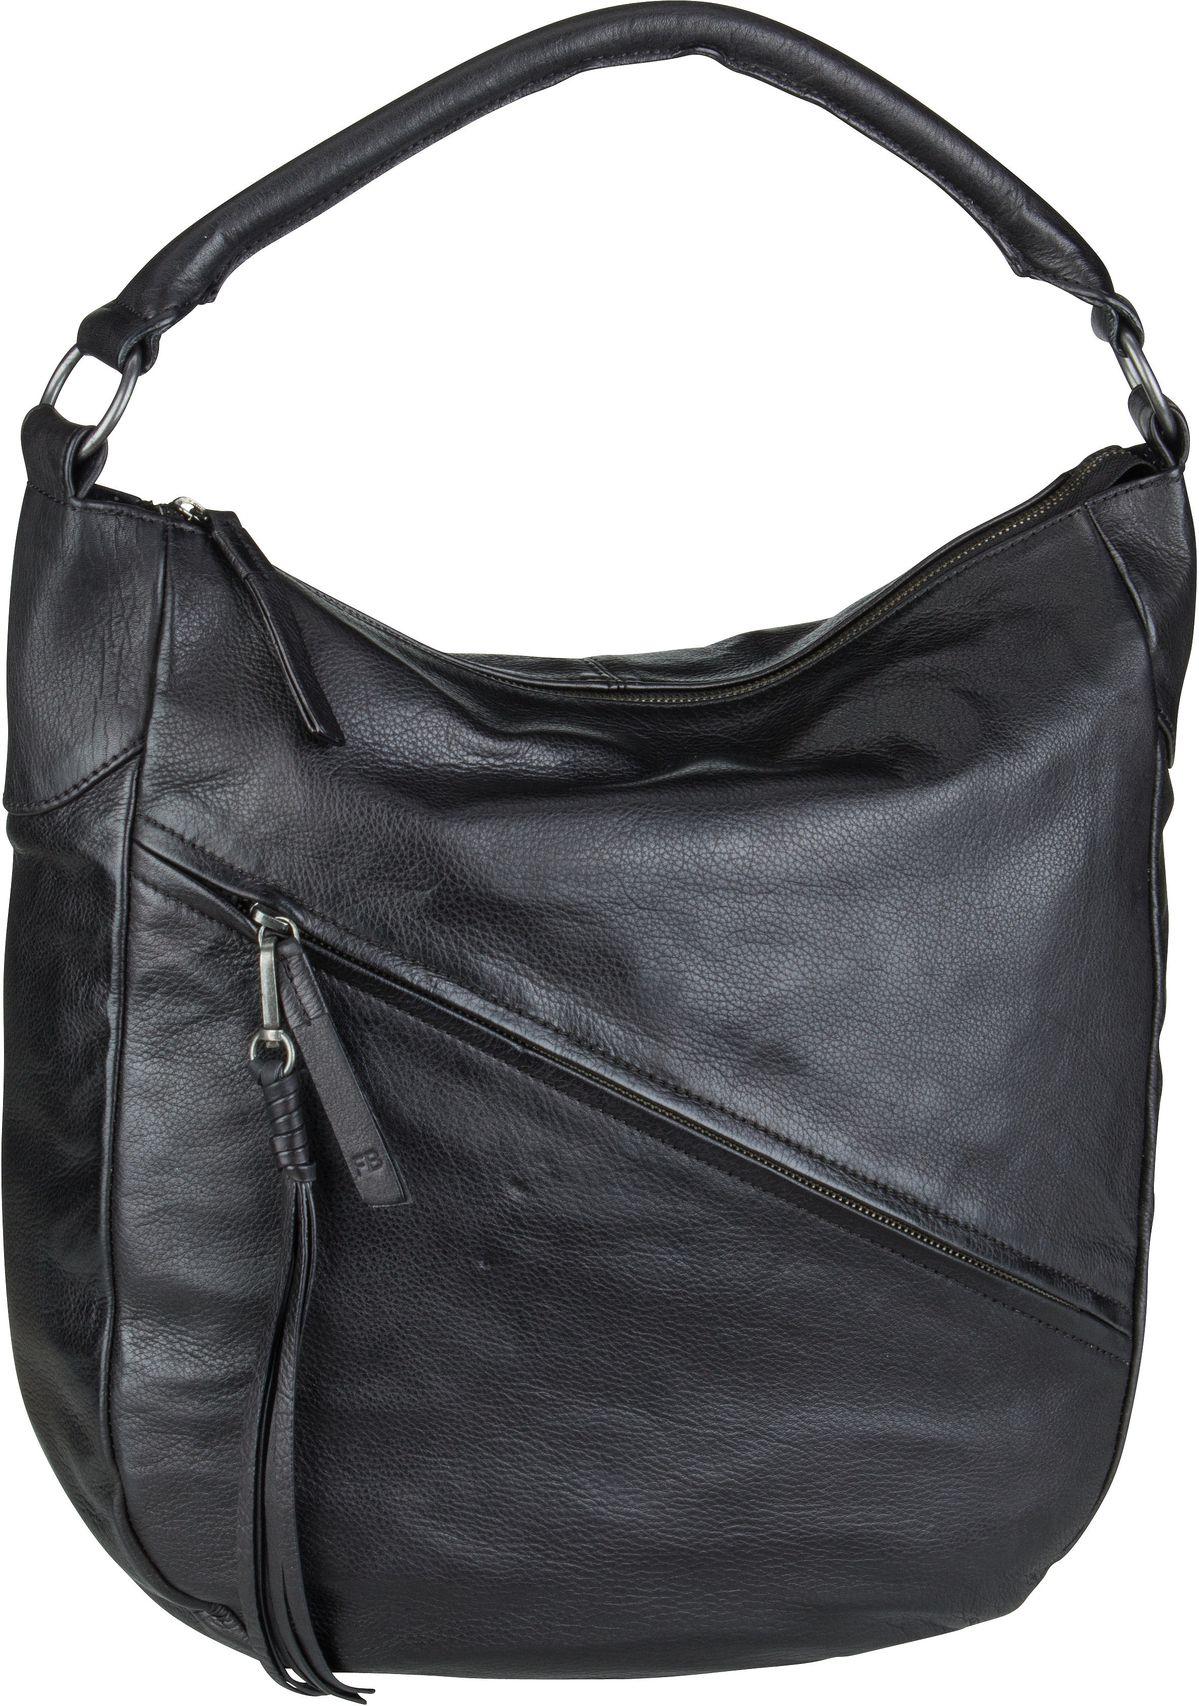 Handtasche Juno Black